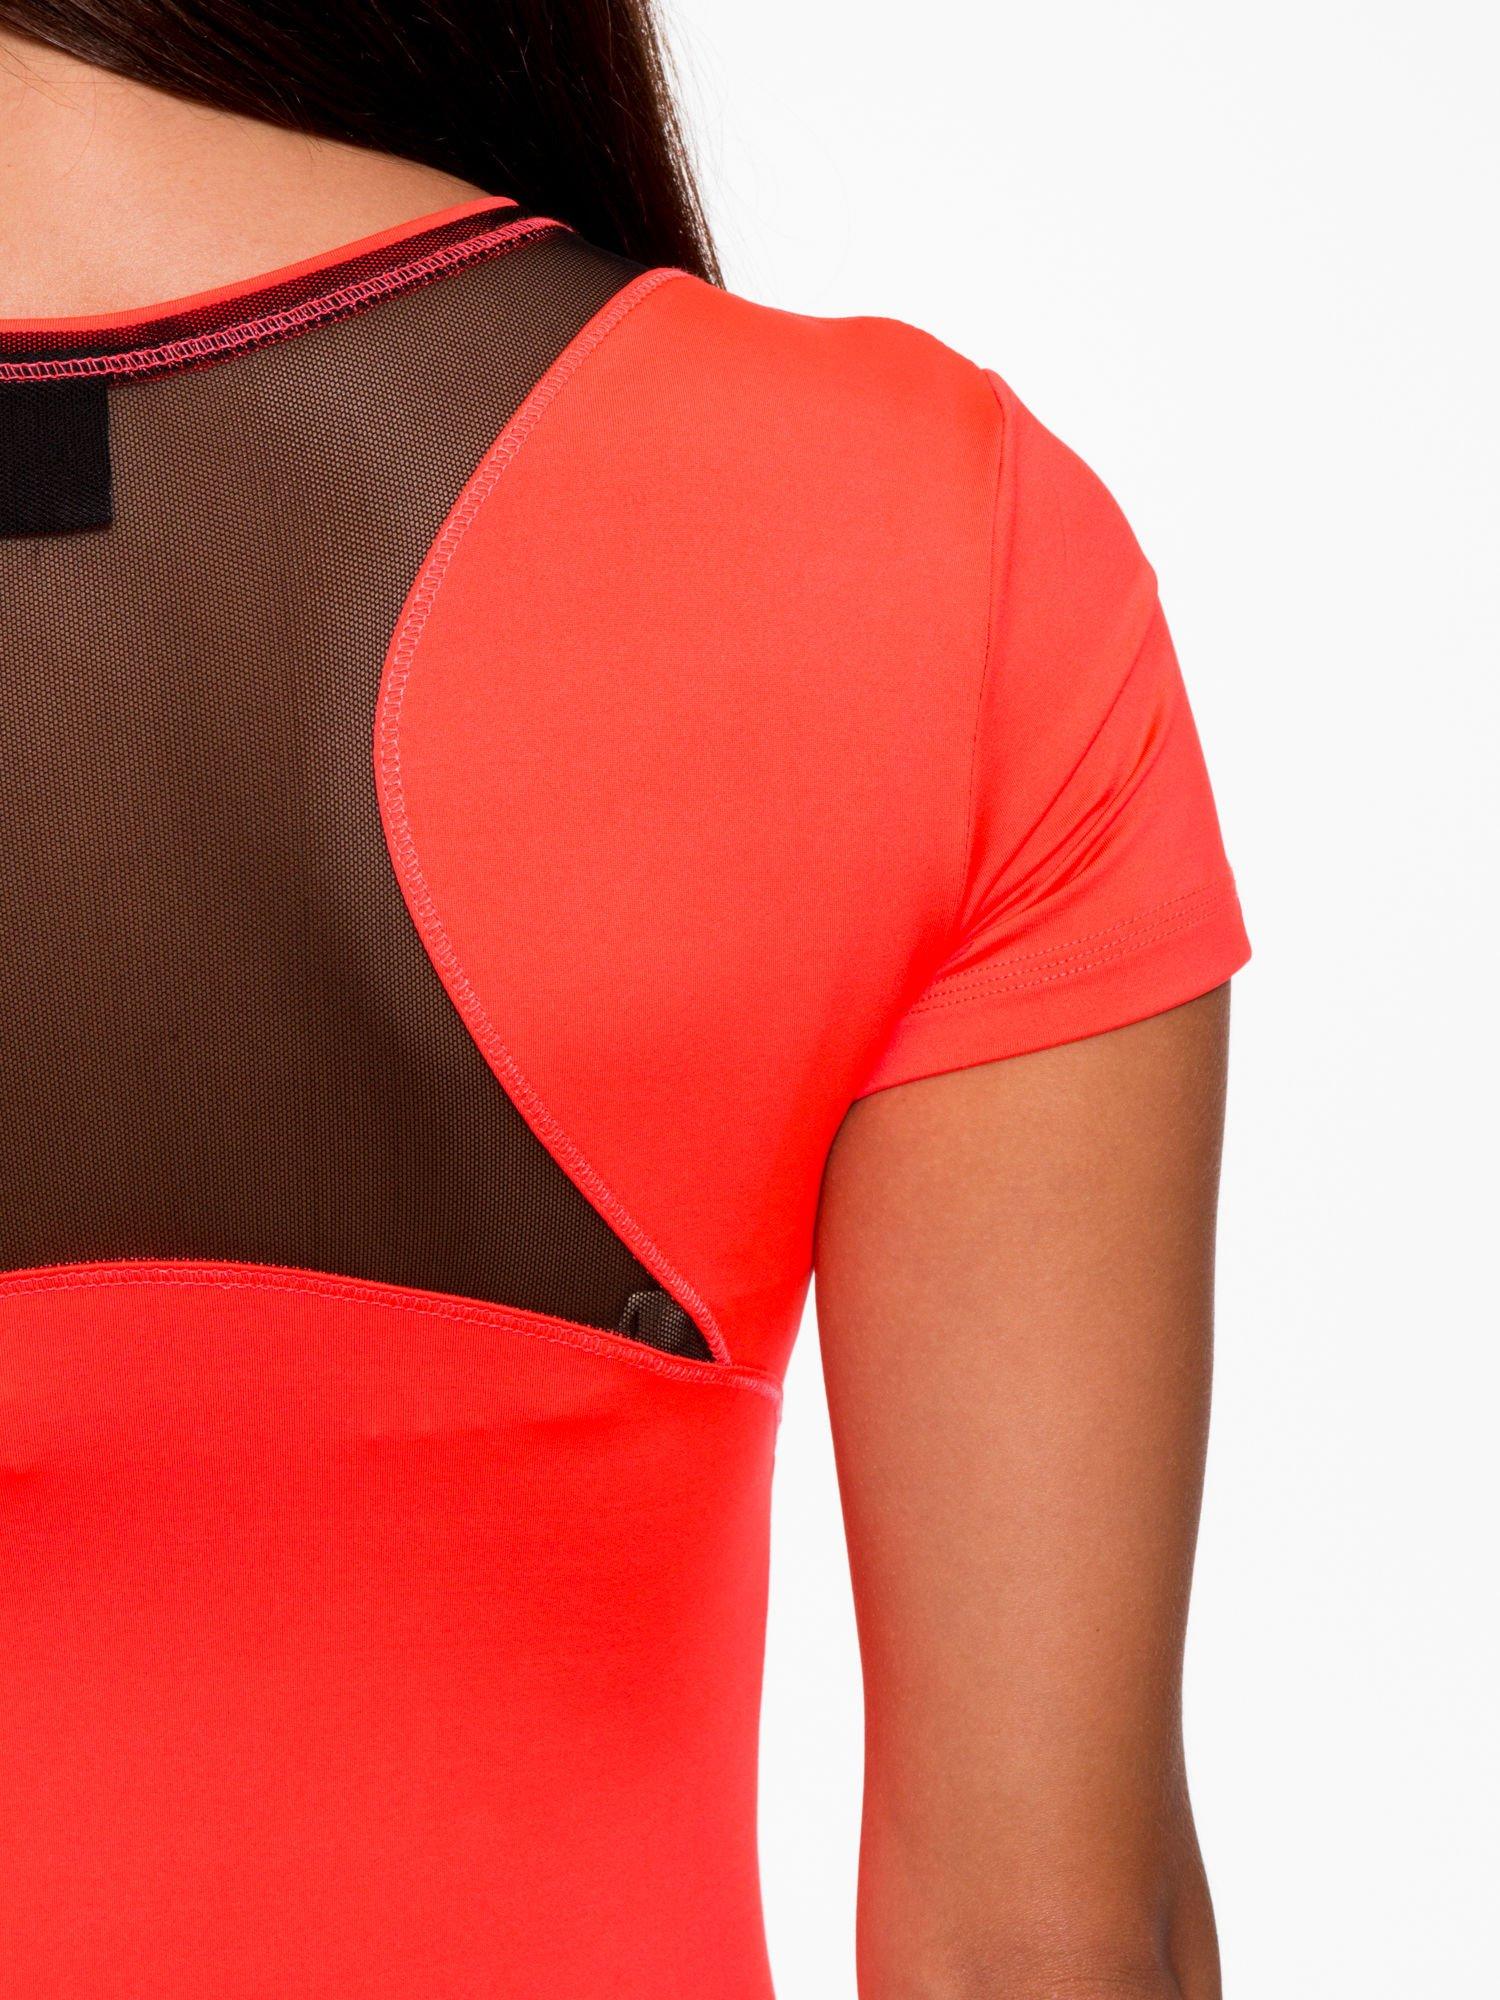 b394be65092036 ... Fluoróżowy termoaktywny t-shirt sportowy z siateczką przy dekolcie i z  tyłu ♢ Performance RUN ...